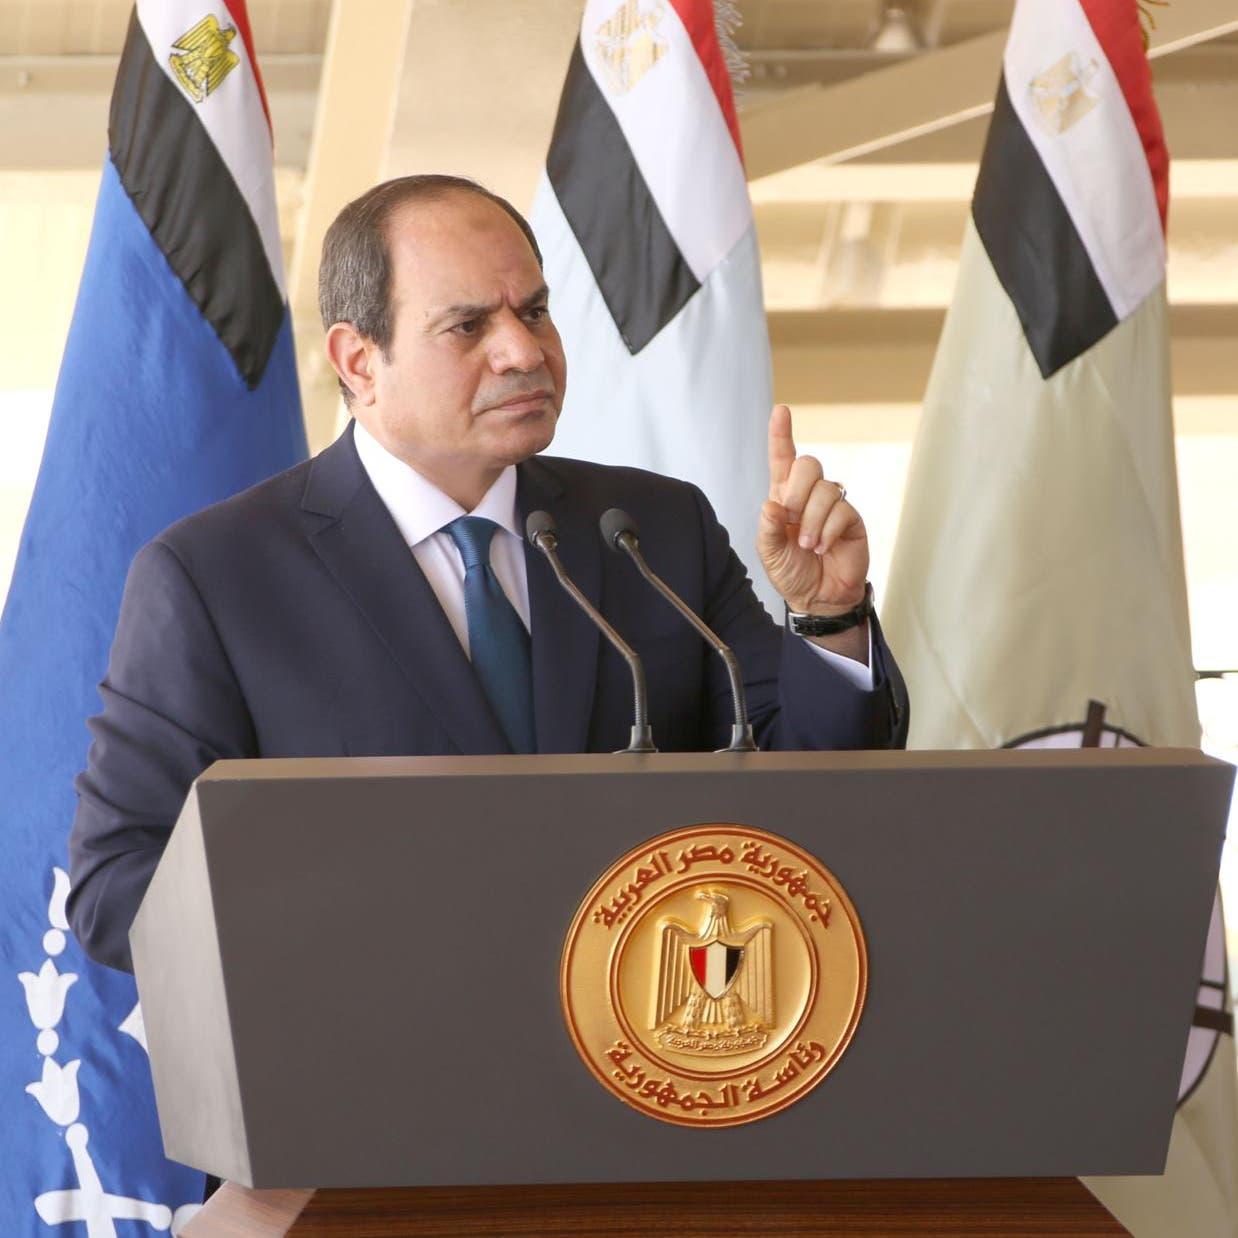 السيسي: أي تدخل مصري مباشر بليبيا بات يحظى بشرعية دولية